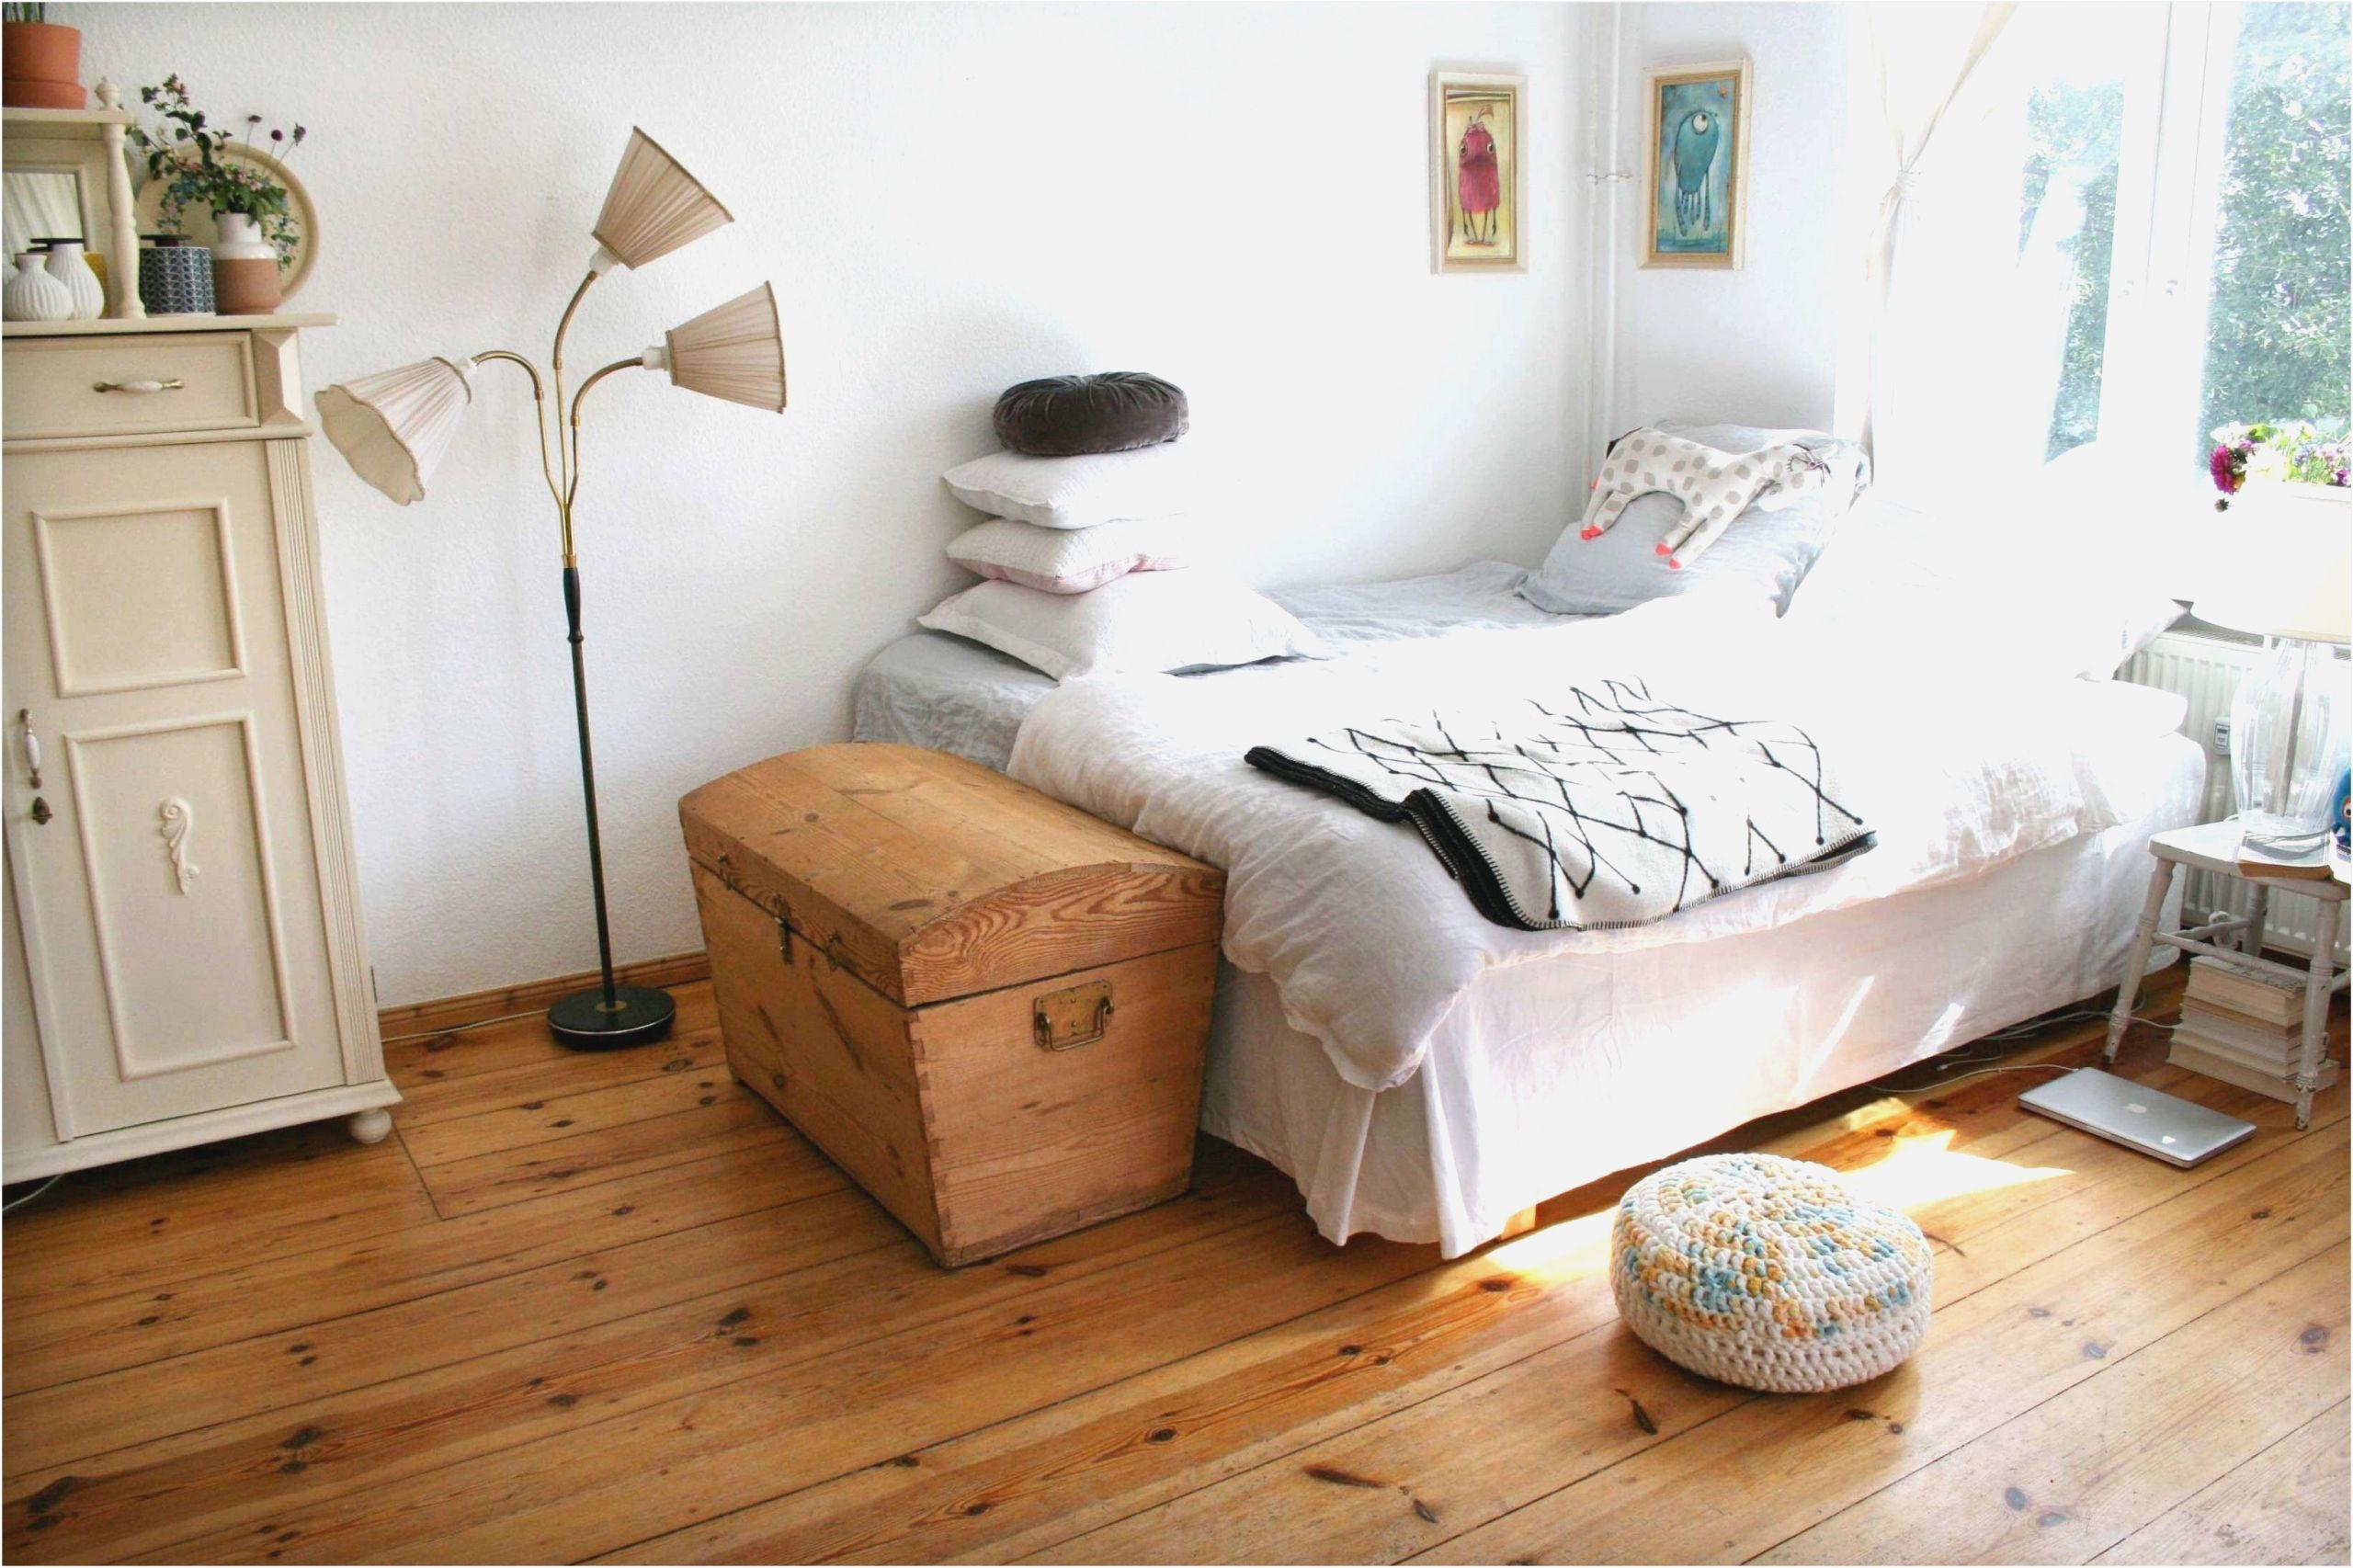 Romantische Deko Ideen Schlafzimmer Romantische Deko Ideen Schlafzimmer Schlafzimmer